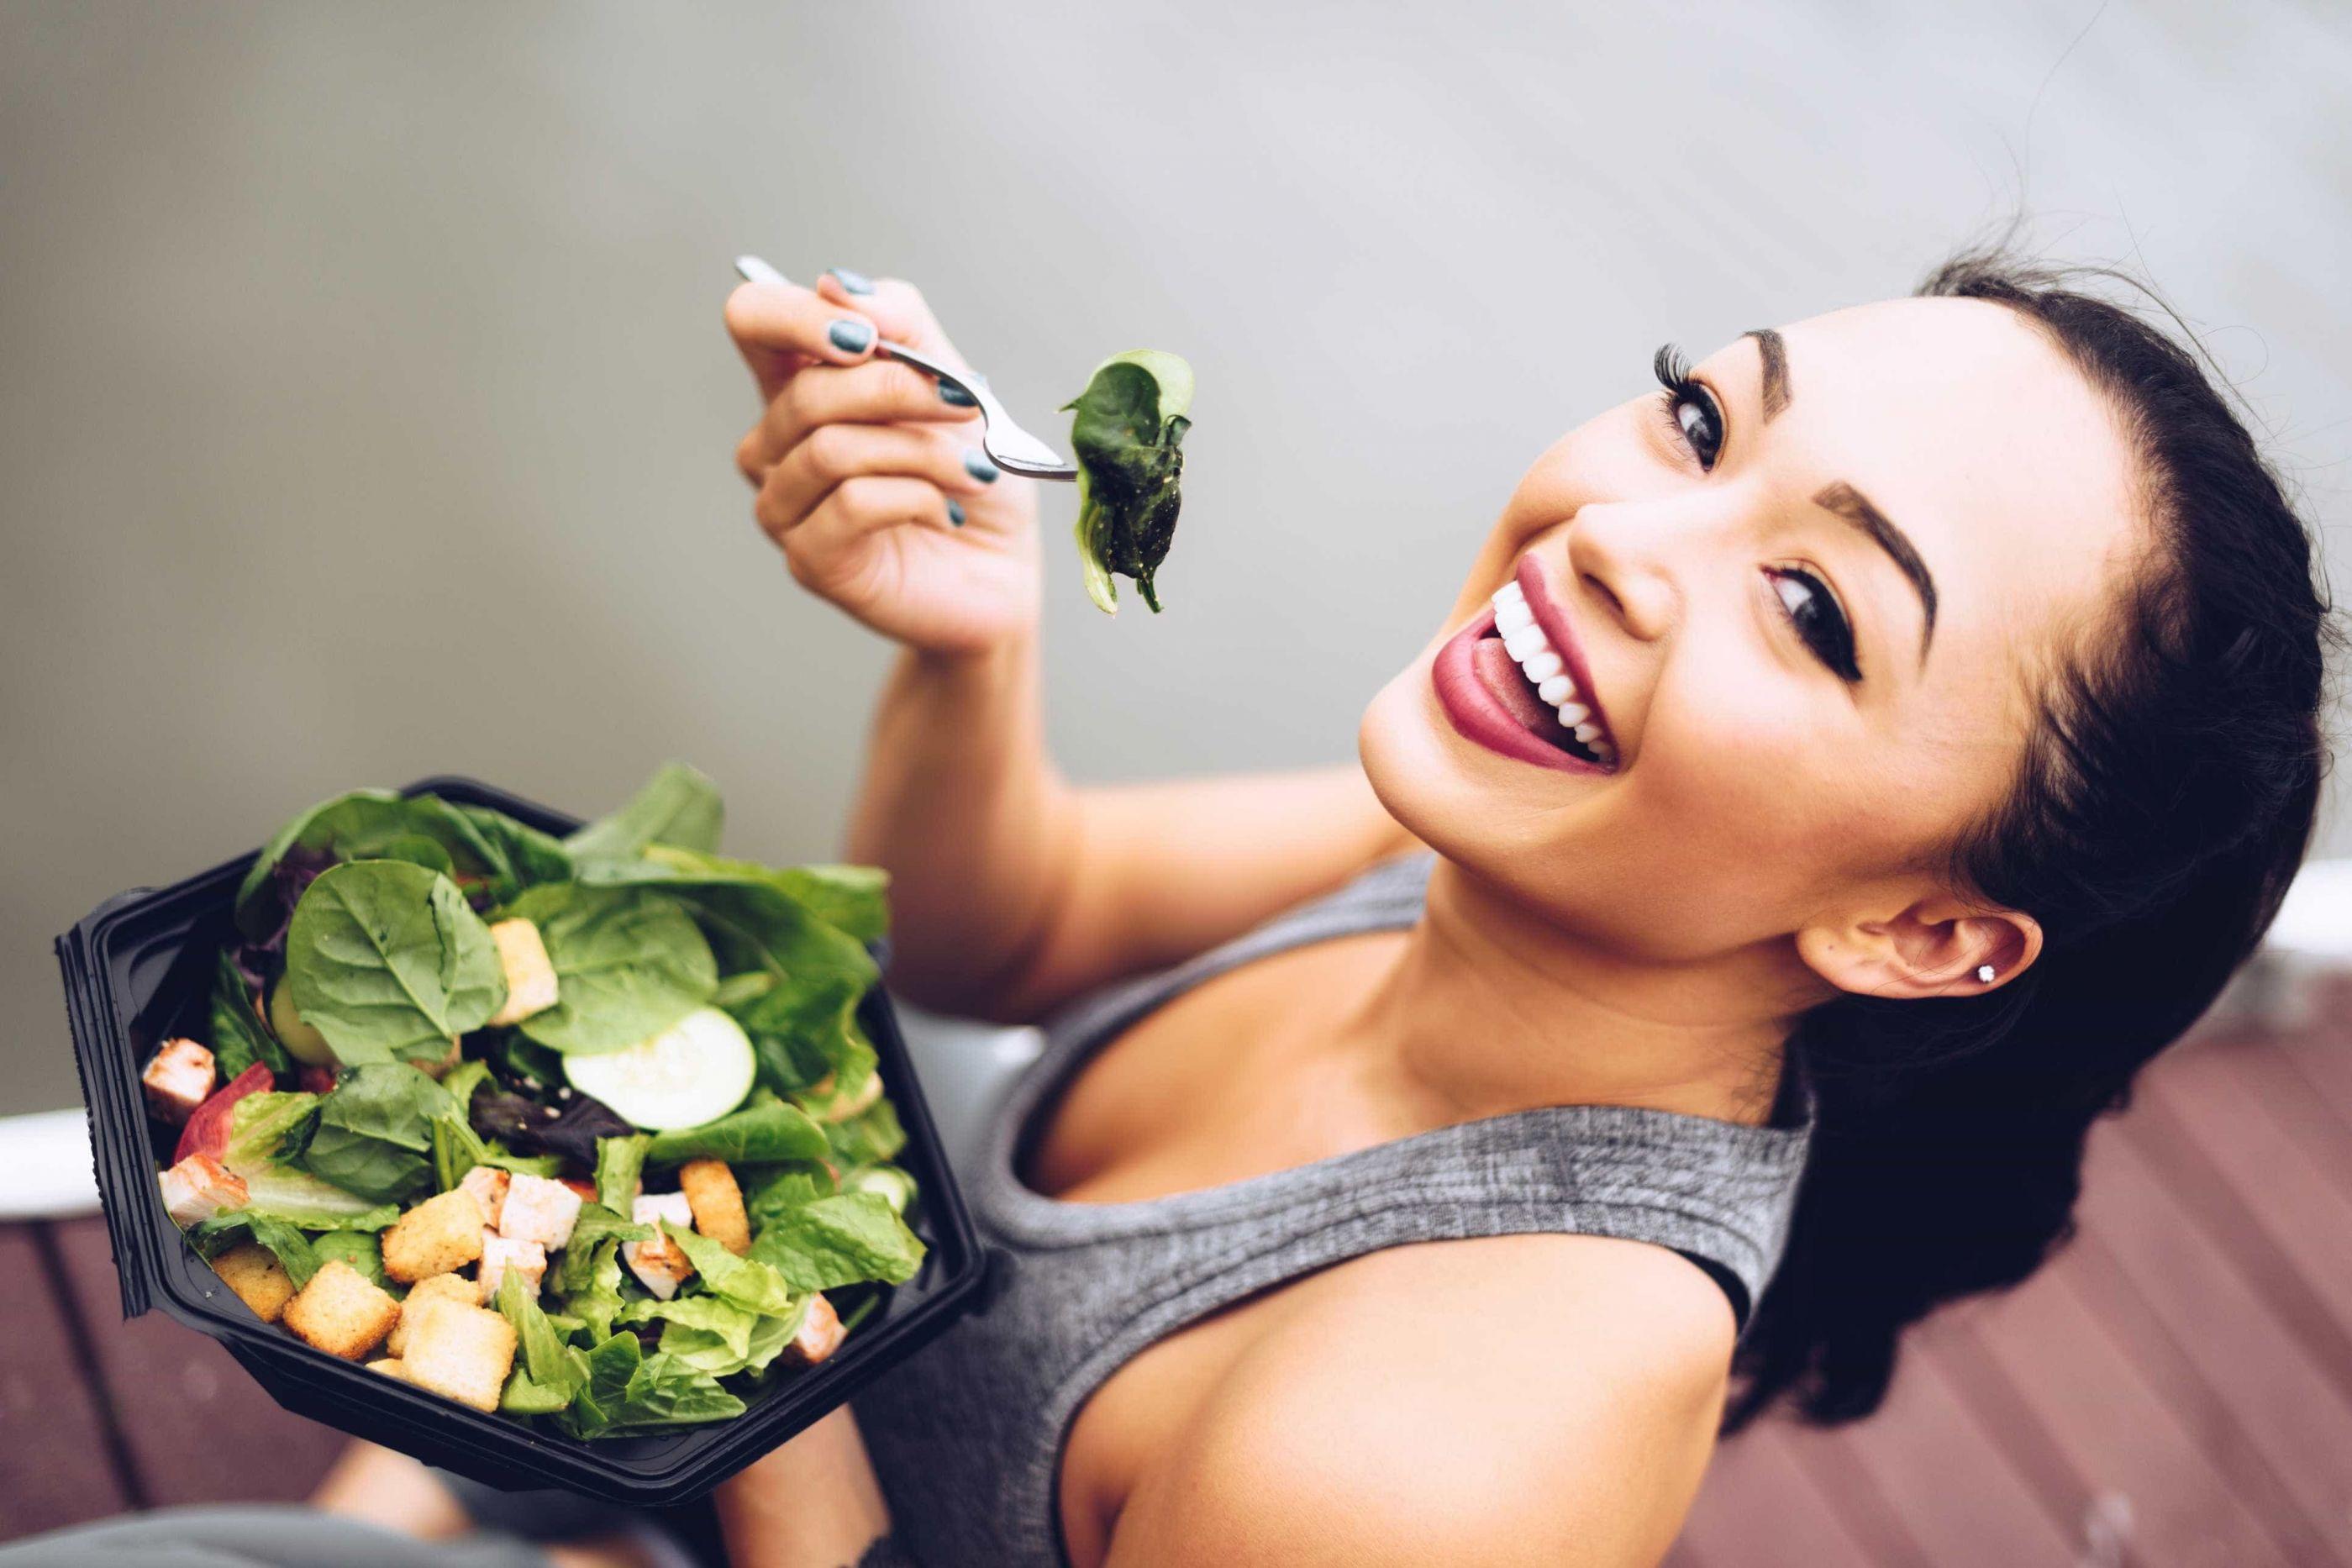 Comer alimentos orgânicos reduz risco de câncer?